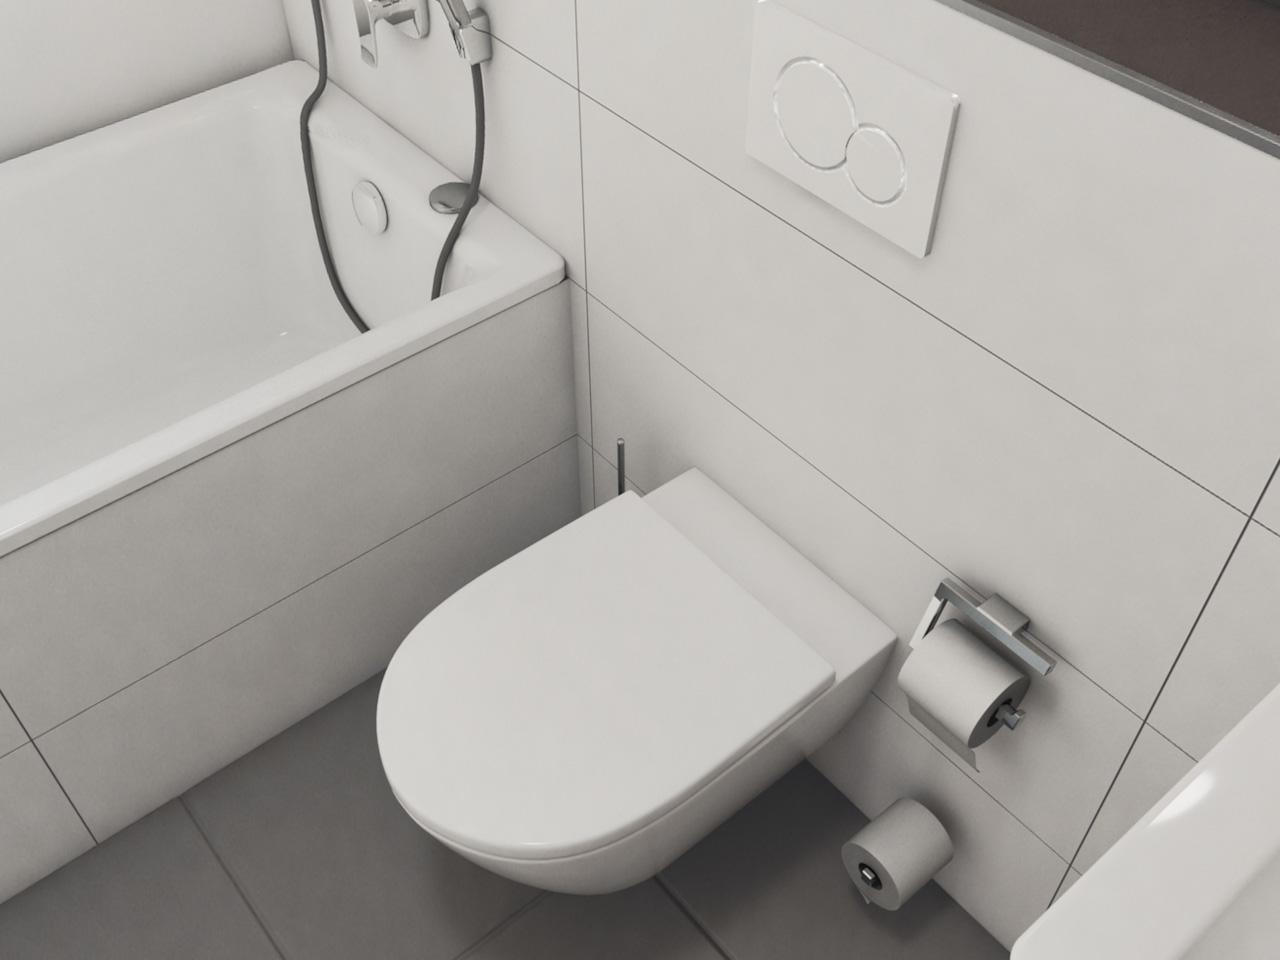 Ansicht Badezimmer mit Waschbecken, Toilette und Badewanne